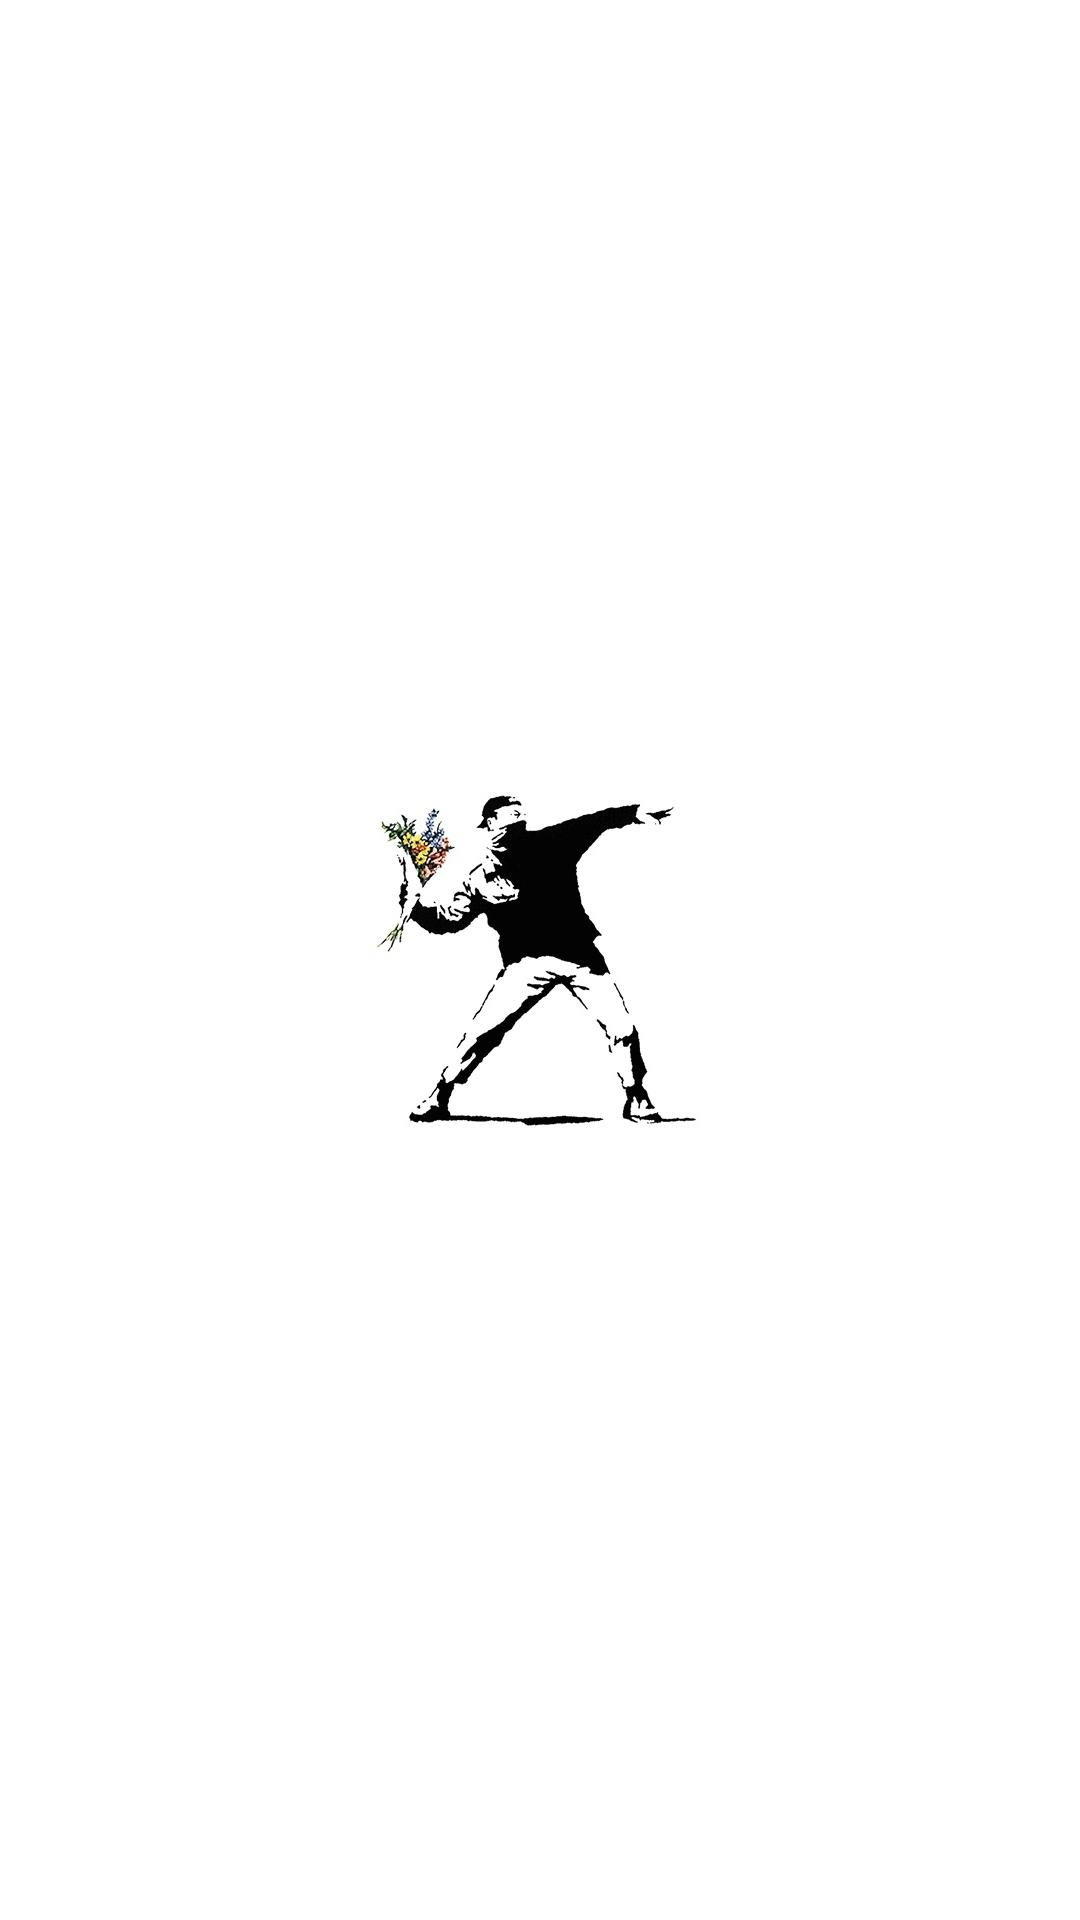 iPhone wallpaper banksy throw flowers Banksy